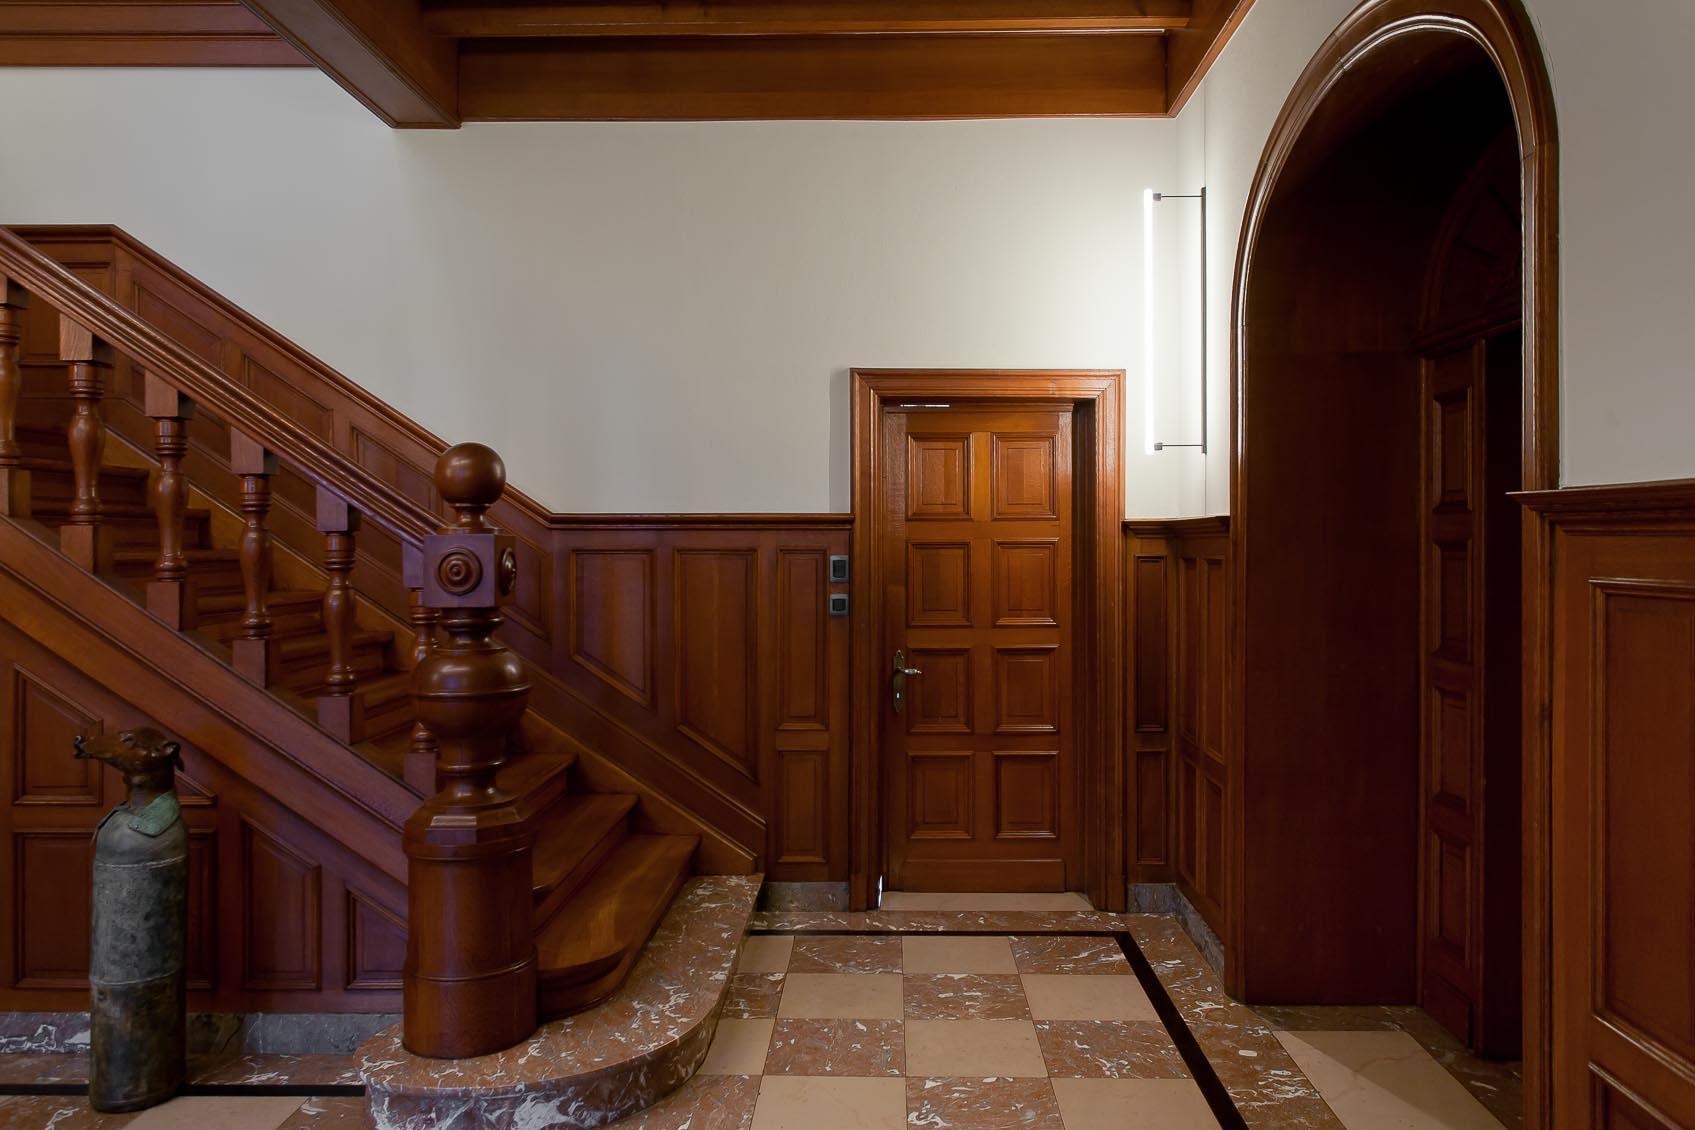 sfeervolle verlichting in klassiek interieur op een hedendaagse wijze toegepast